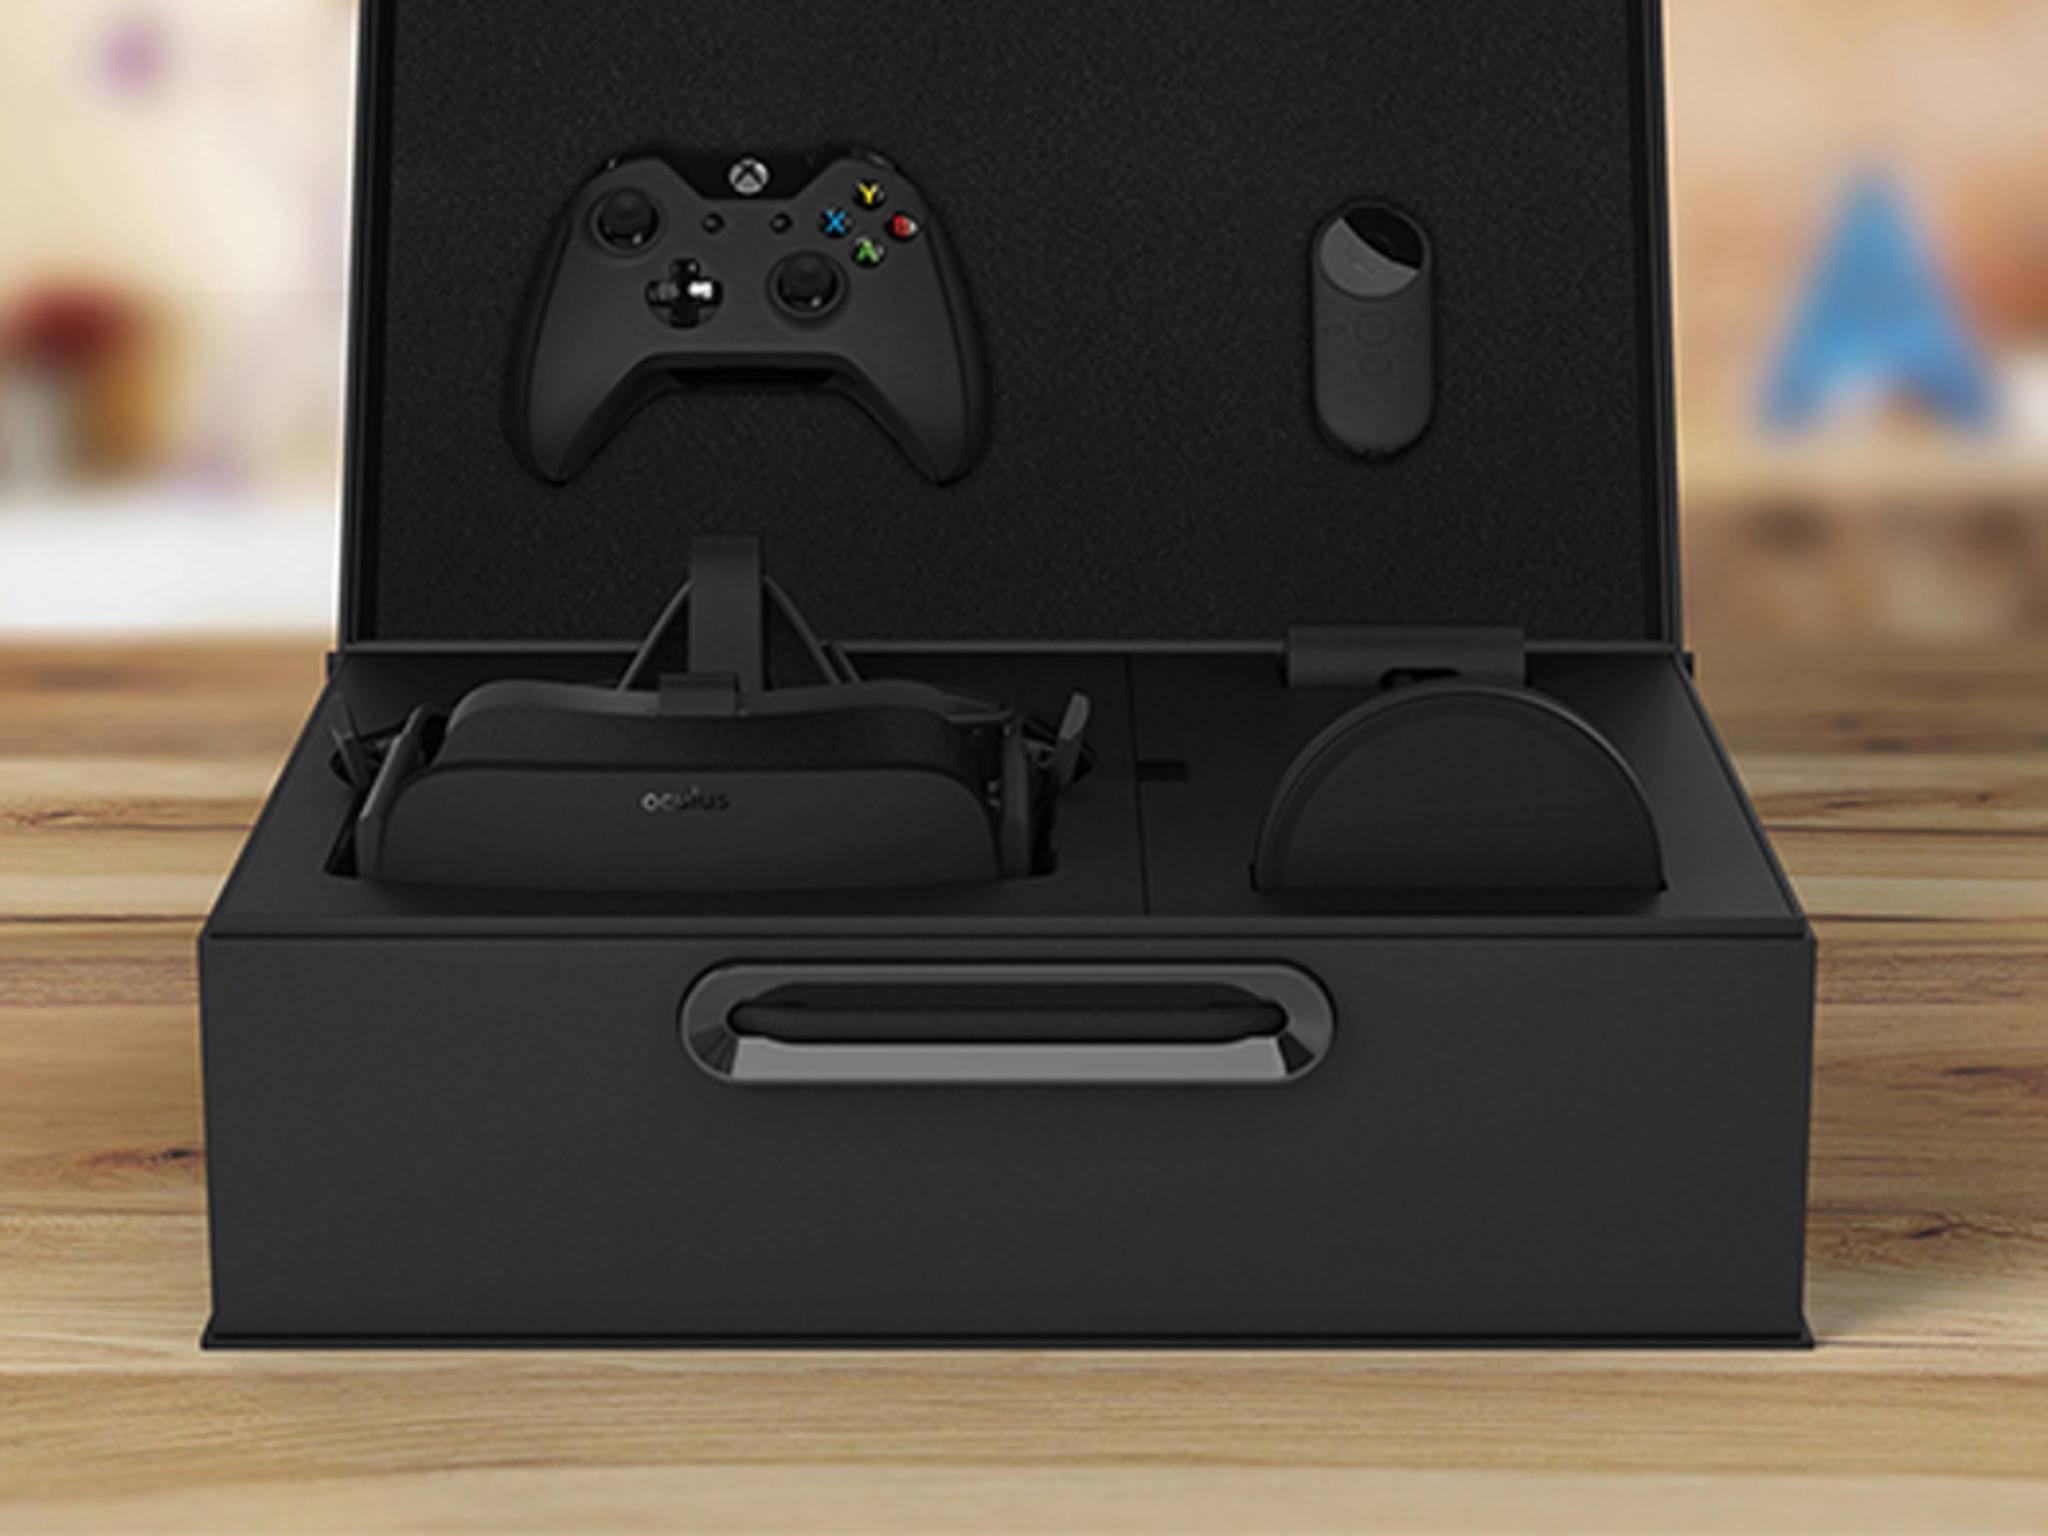 Der Oculus Rift-Packshot: So wird die Brille ausgeliefert.